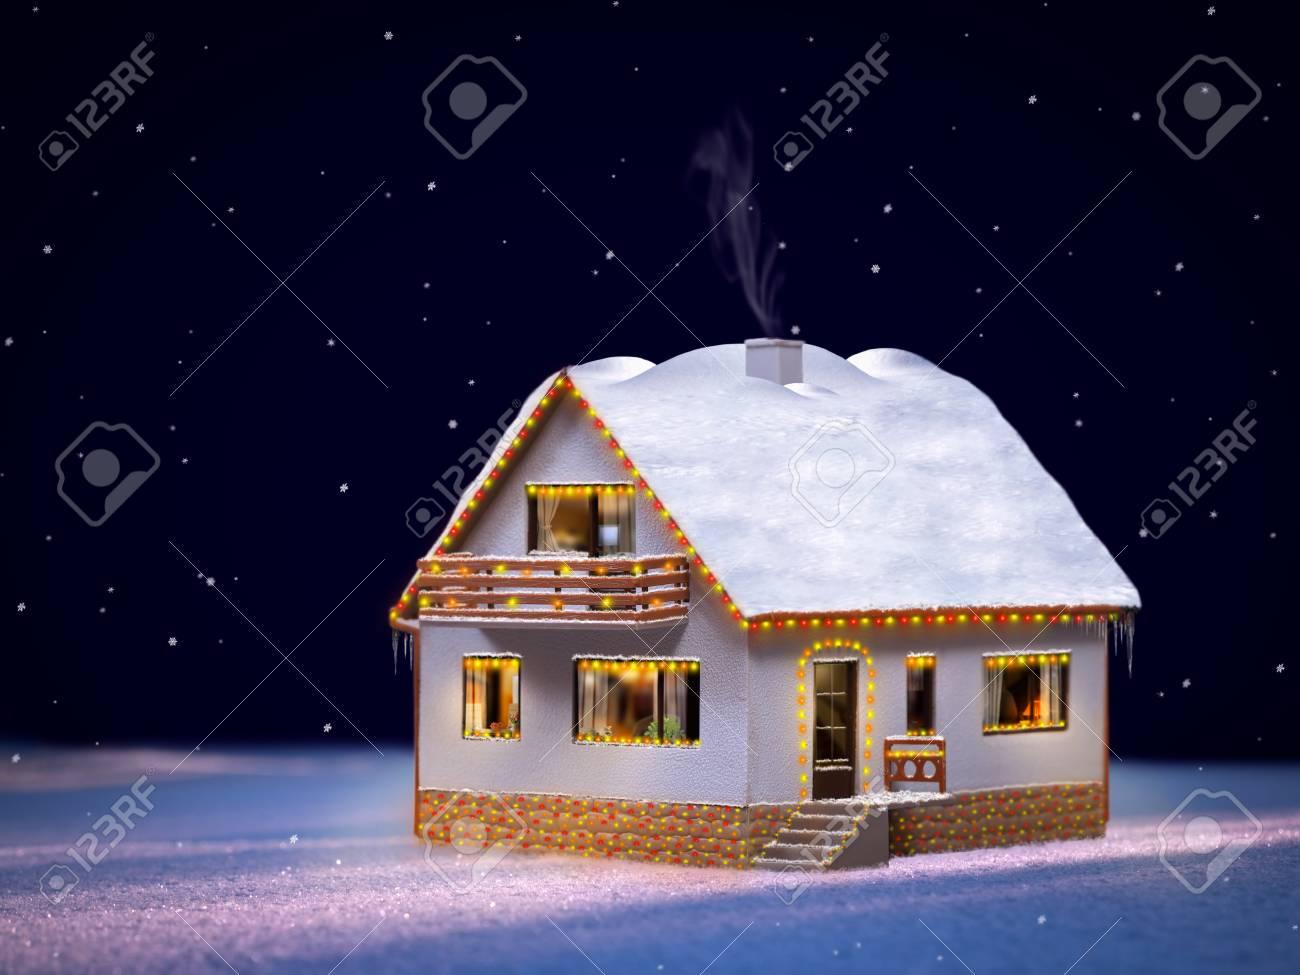 Schönes Weihnachtshaus. Das Haus Ist Mit Girlanden Geschmückt ...